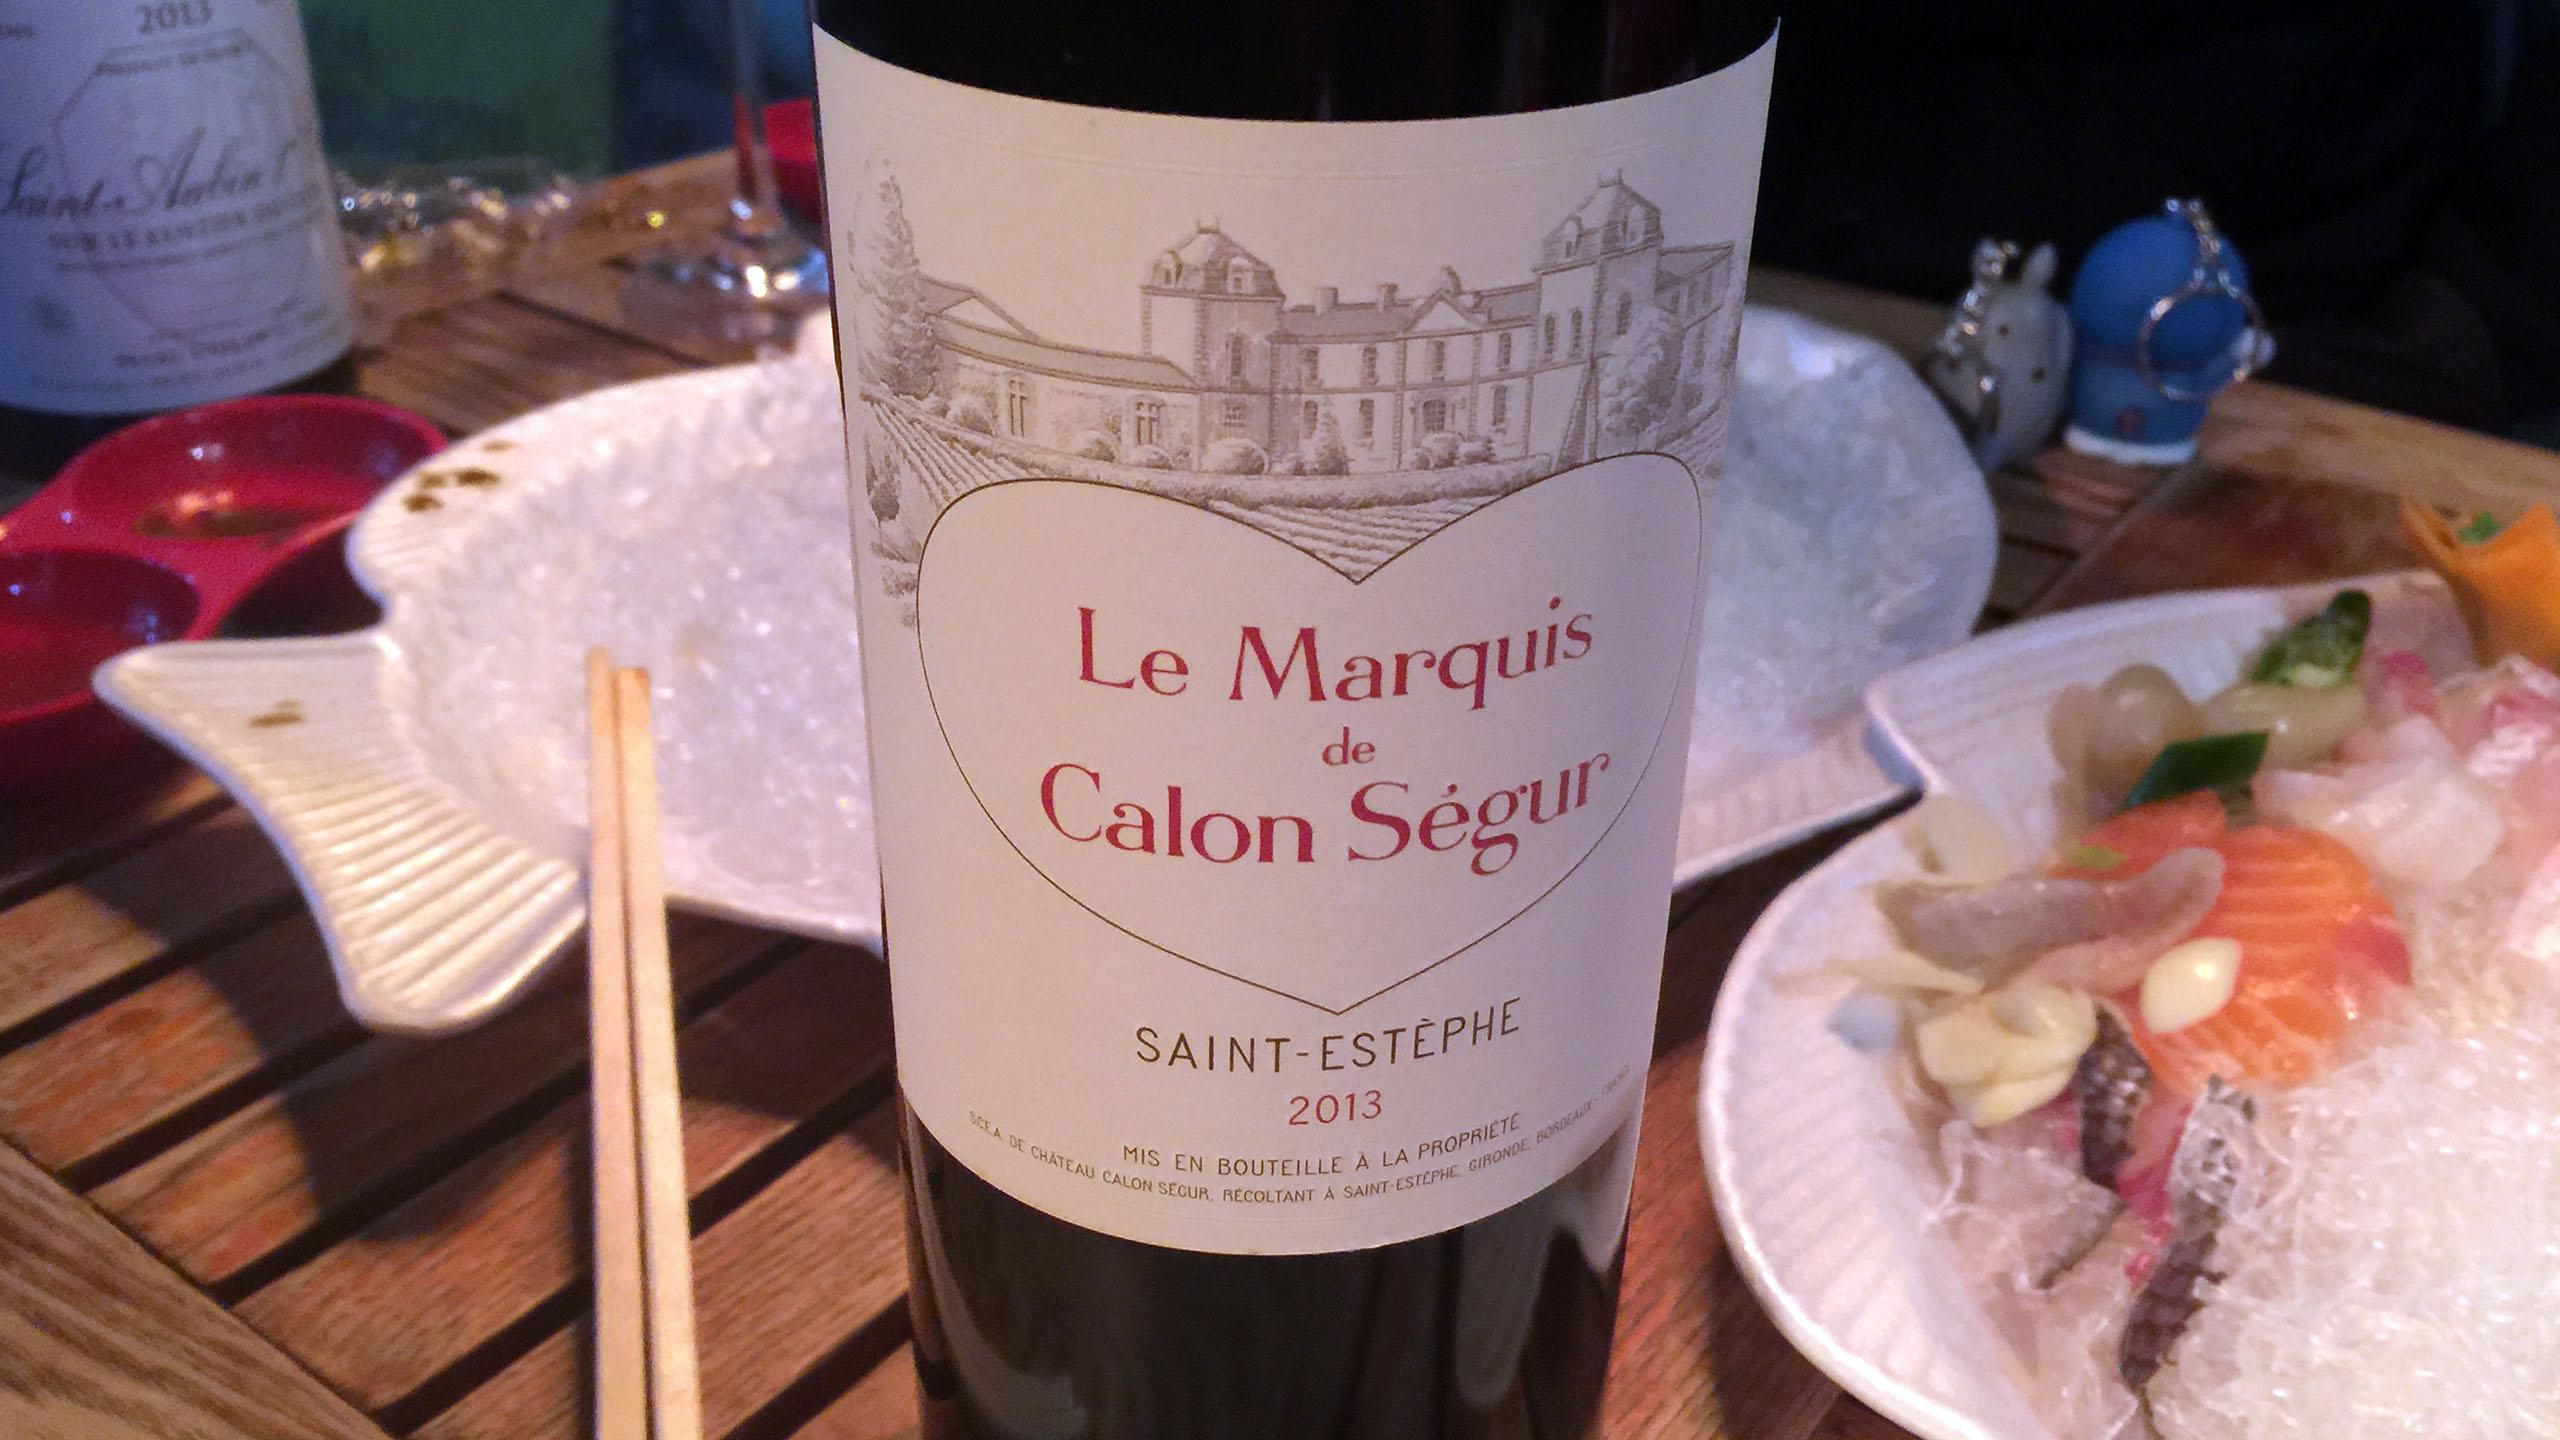 Le Marquis de Calon Segur SAINT-ESTEPHE 2013